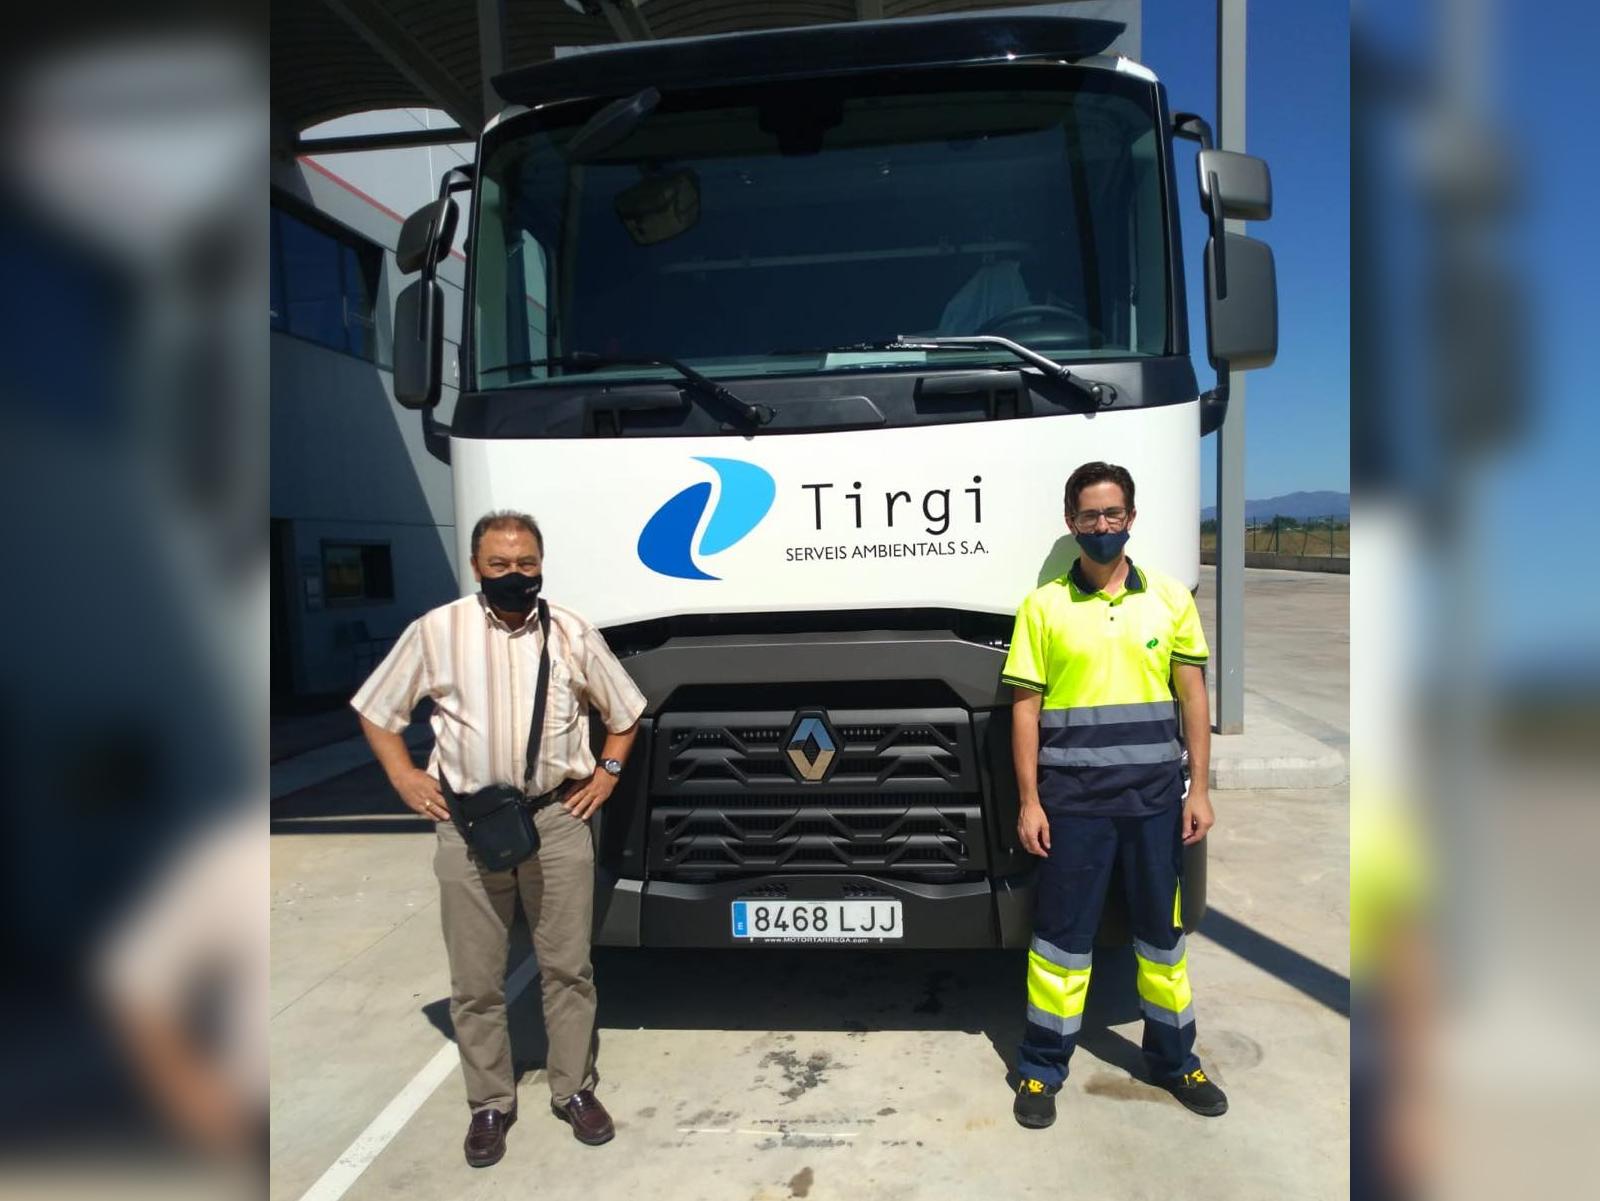 Entrega de este Renault Trucks T 460 a la empresa Tirgi